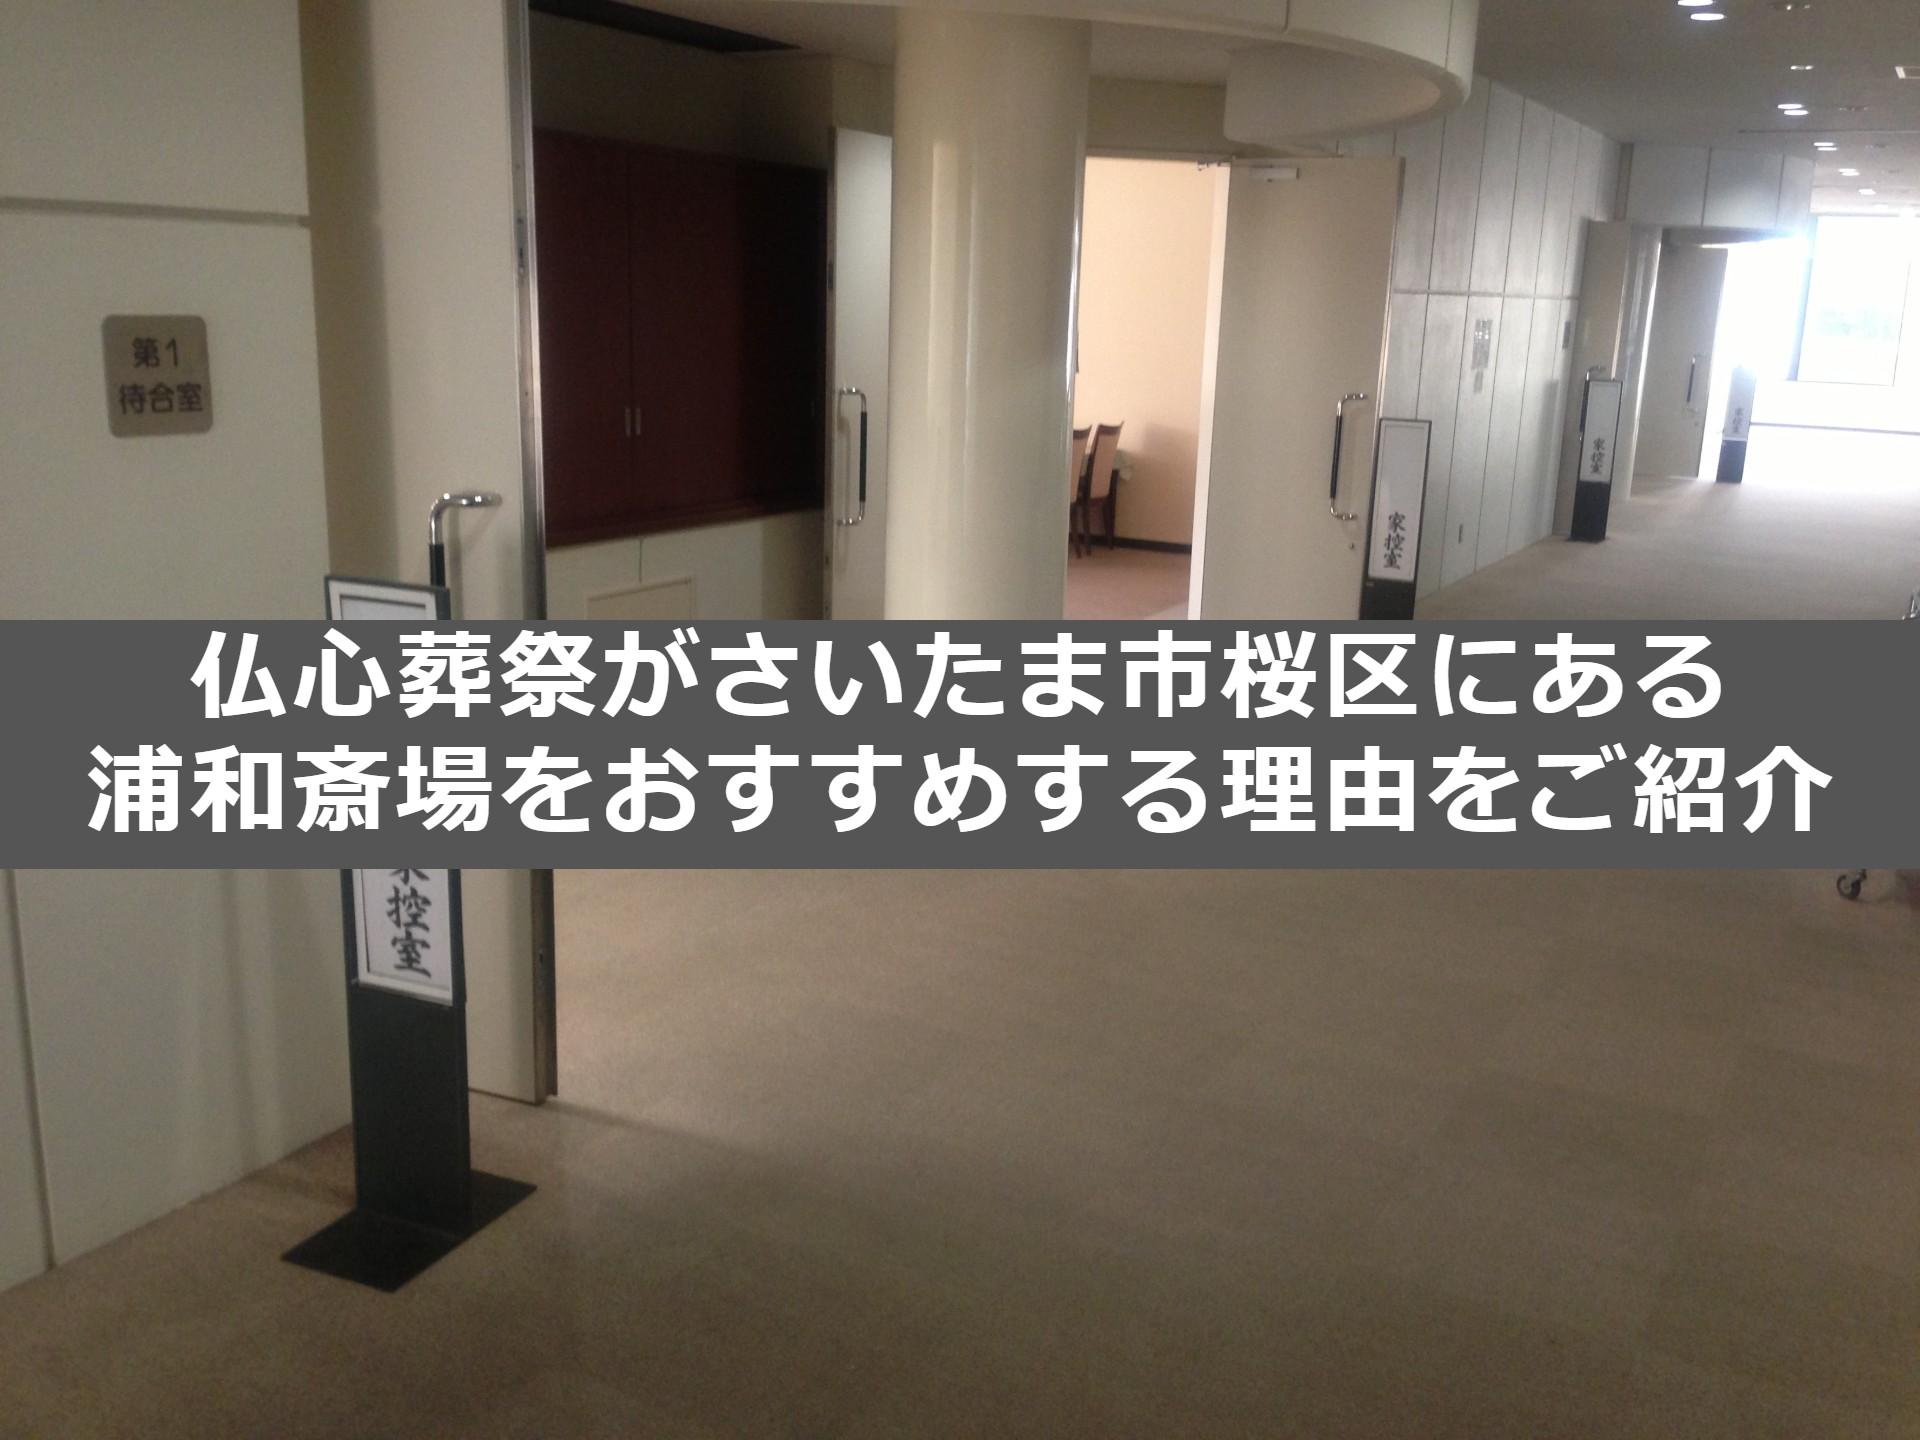 さいたま市桜区にある浦和斎場のご紹介